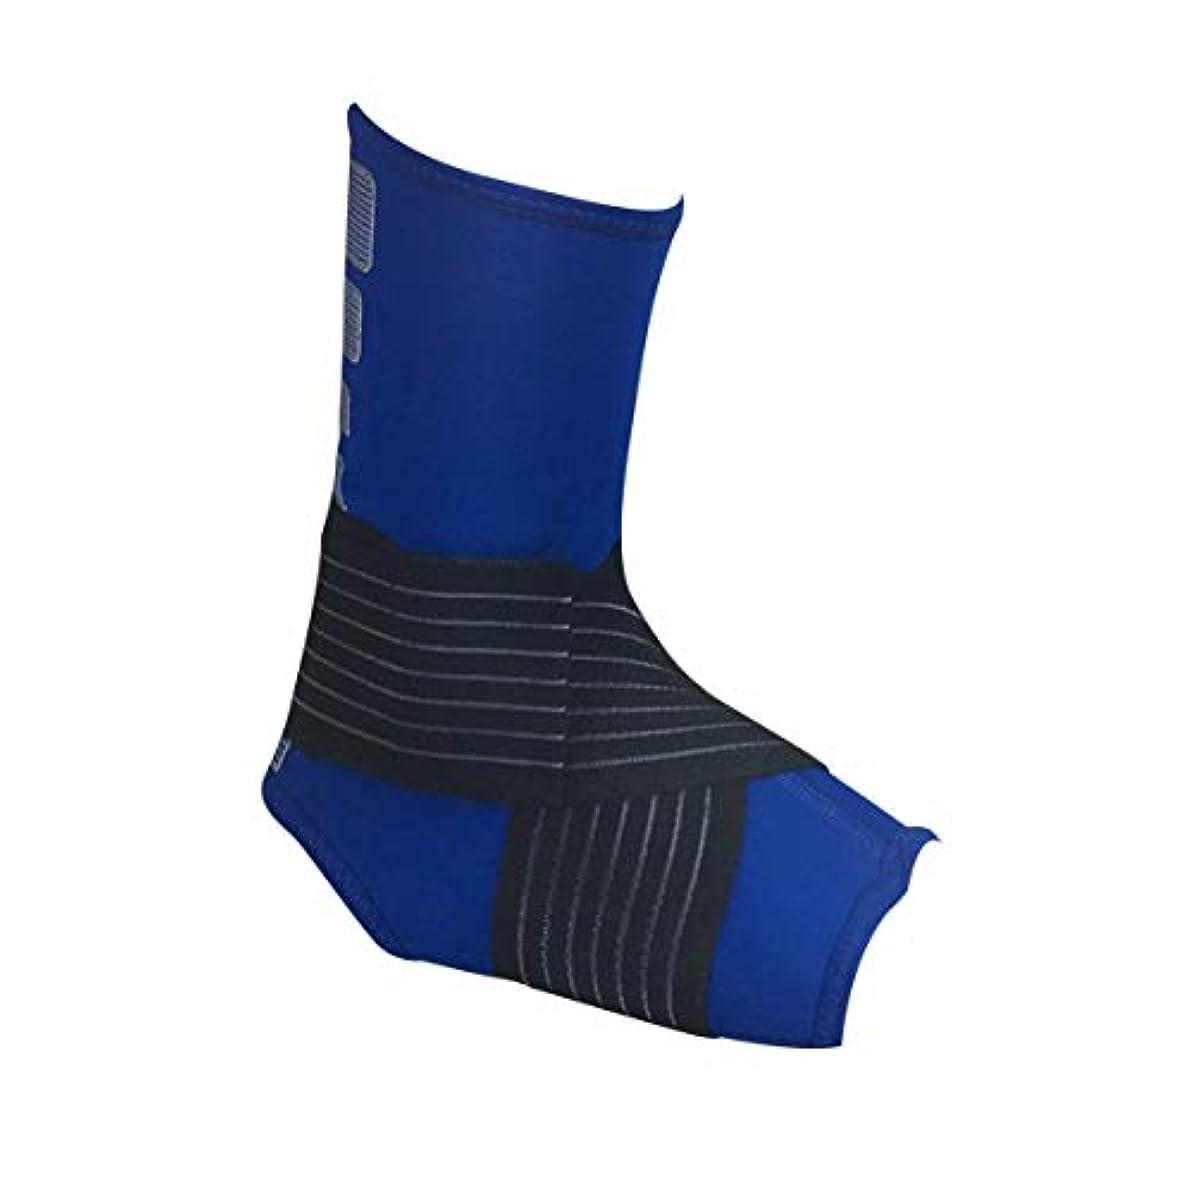 ダブル時レンダリング足首フットパッド包帯ブレースサポート保護足首ガードパッド快適な足首袖ランニングフィットネスサイクリング